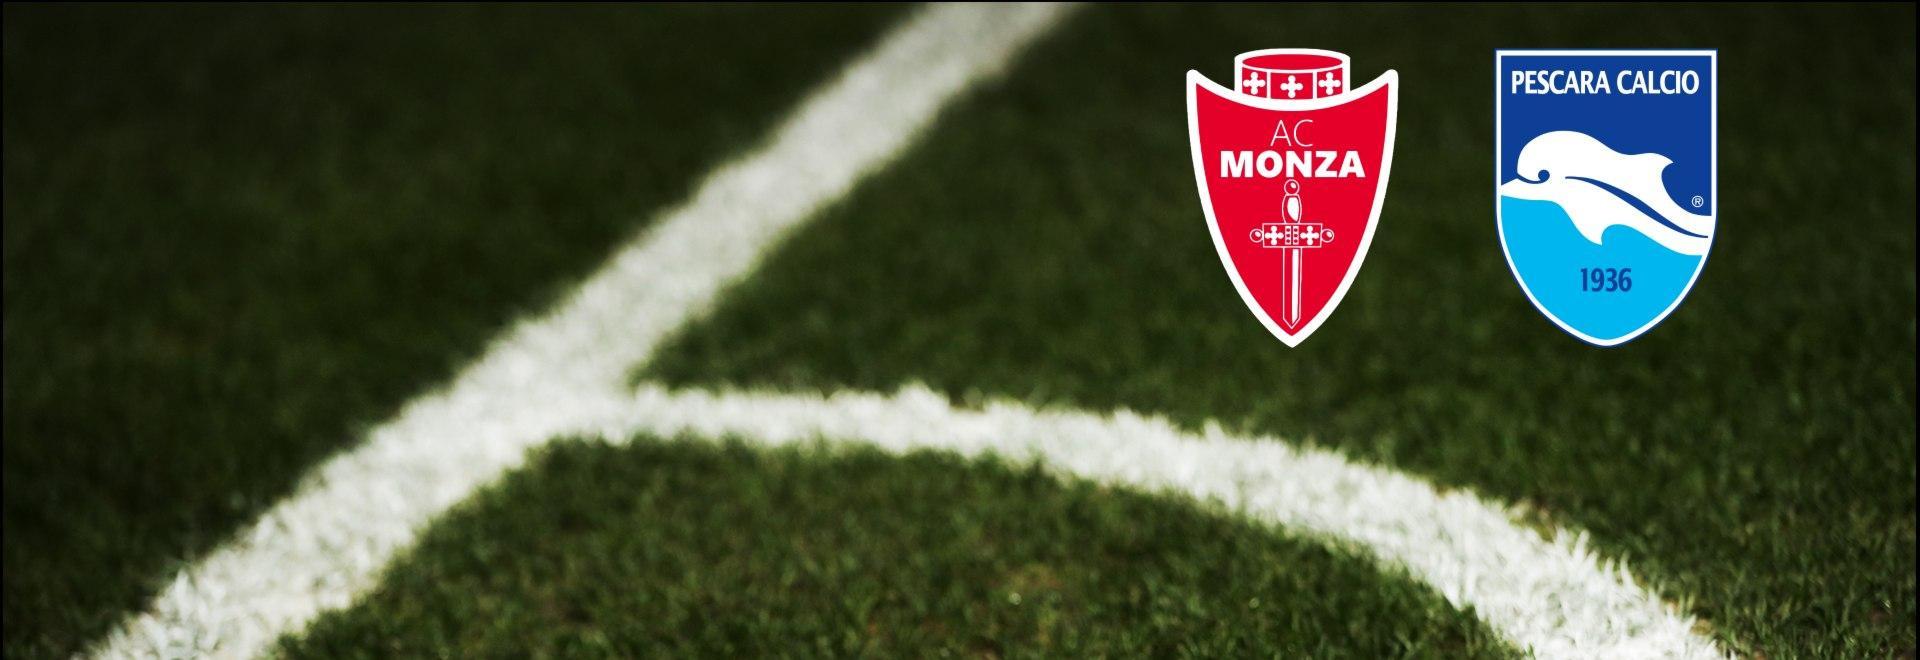 Monza - Pescara. 32a g.